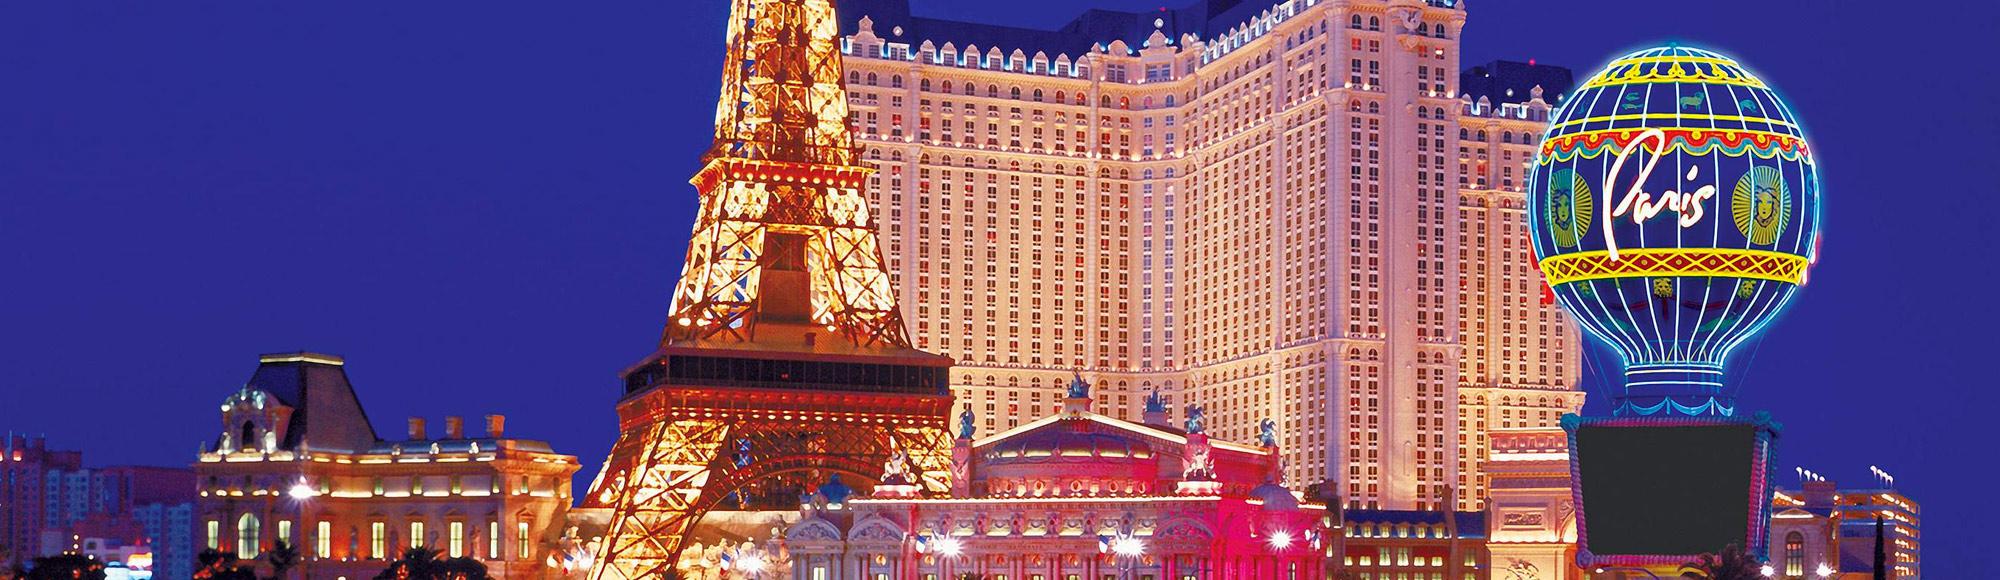 Casino paris hotel olg slots and casinos sudbury